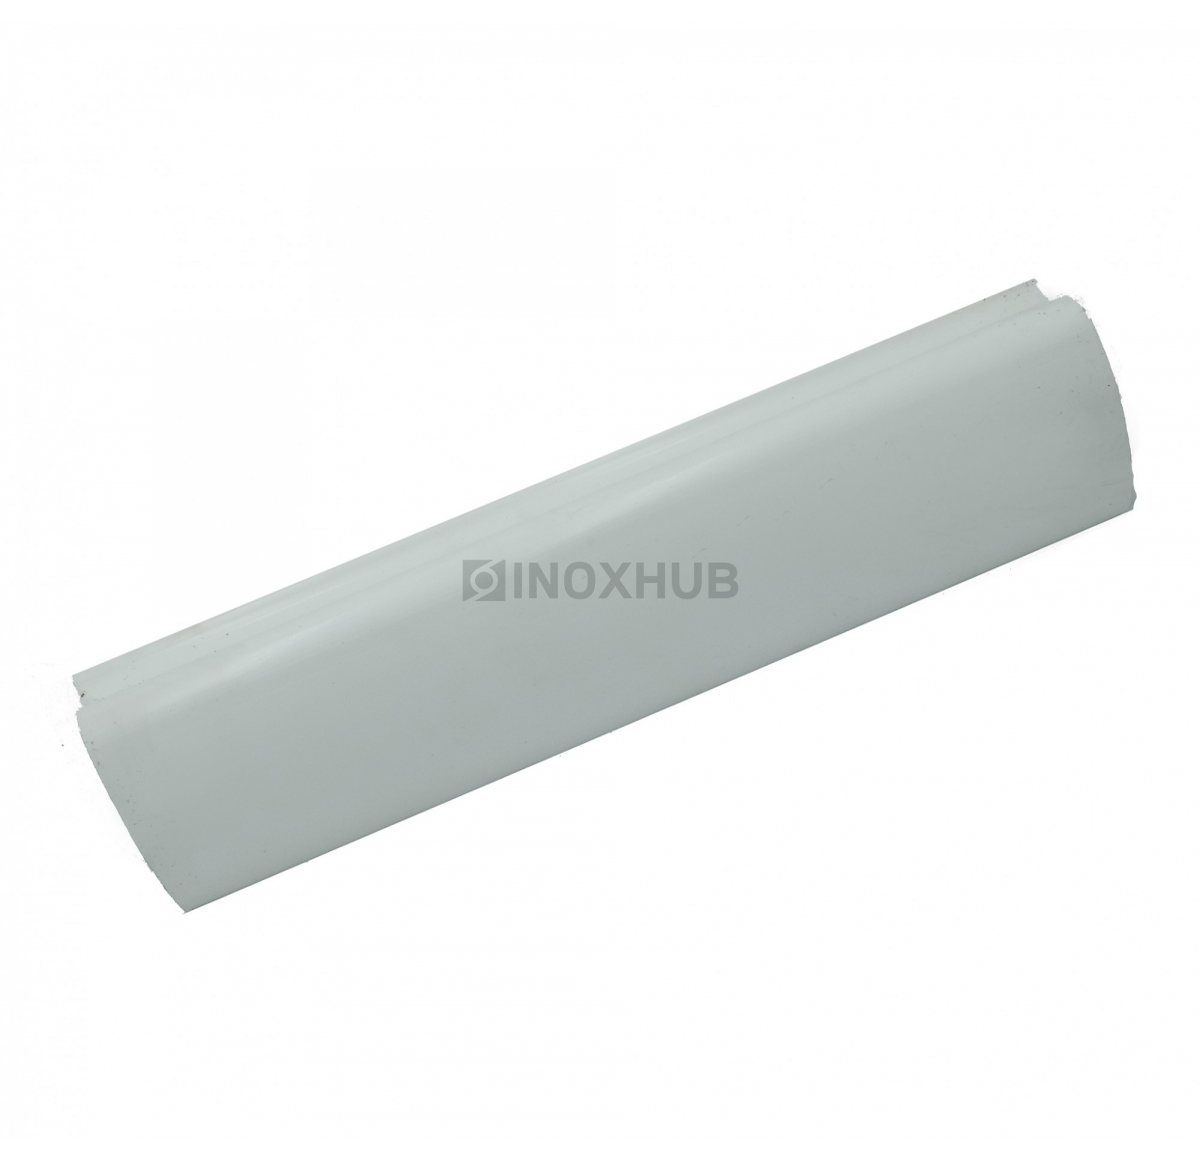 Пластиковый поручень фигурный цвет Белый 40.0x60.0x4000мм